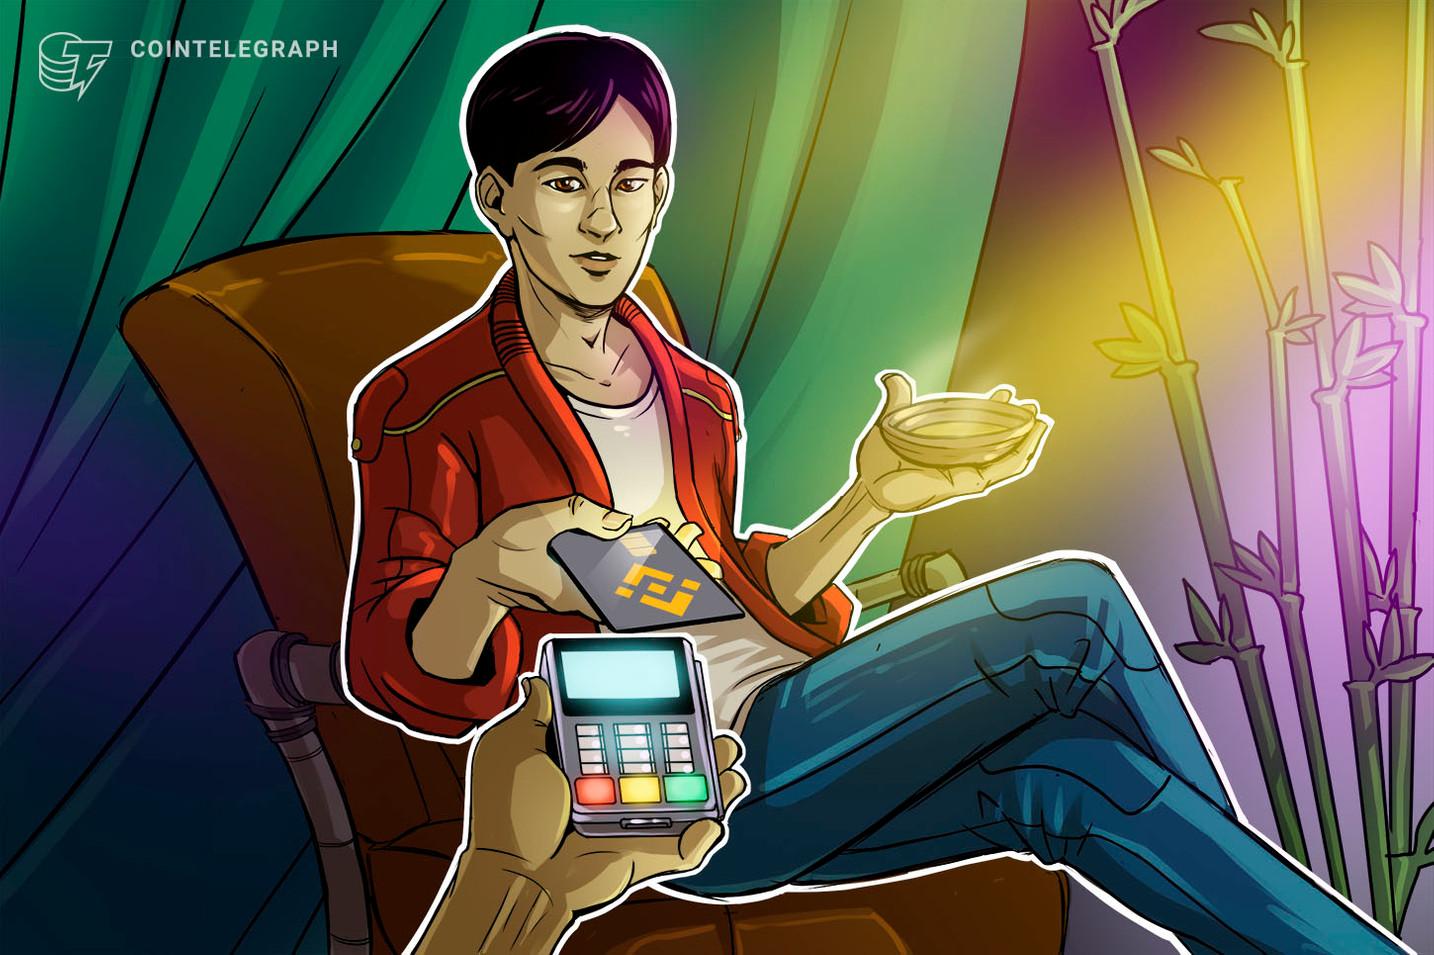 バイナンス、仮想通貨デビットカードを正式発表